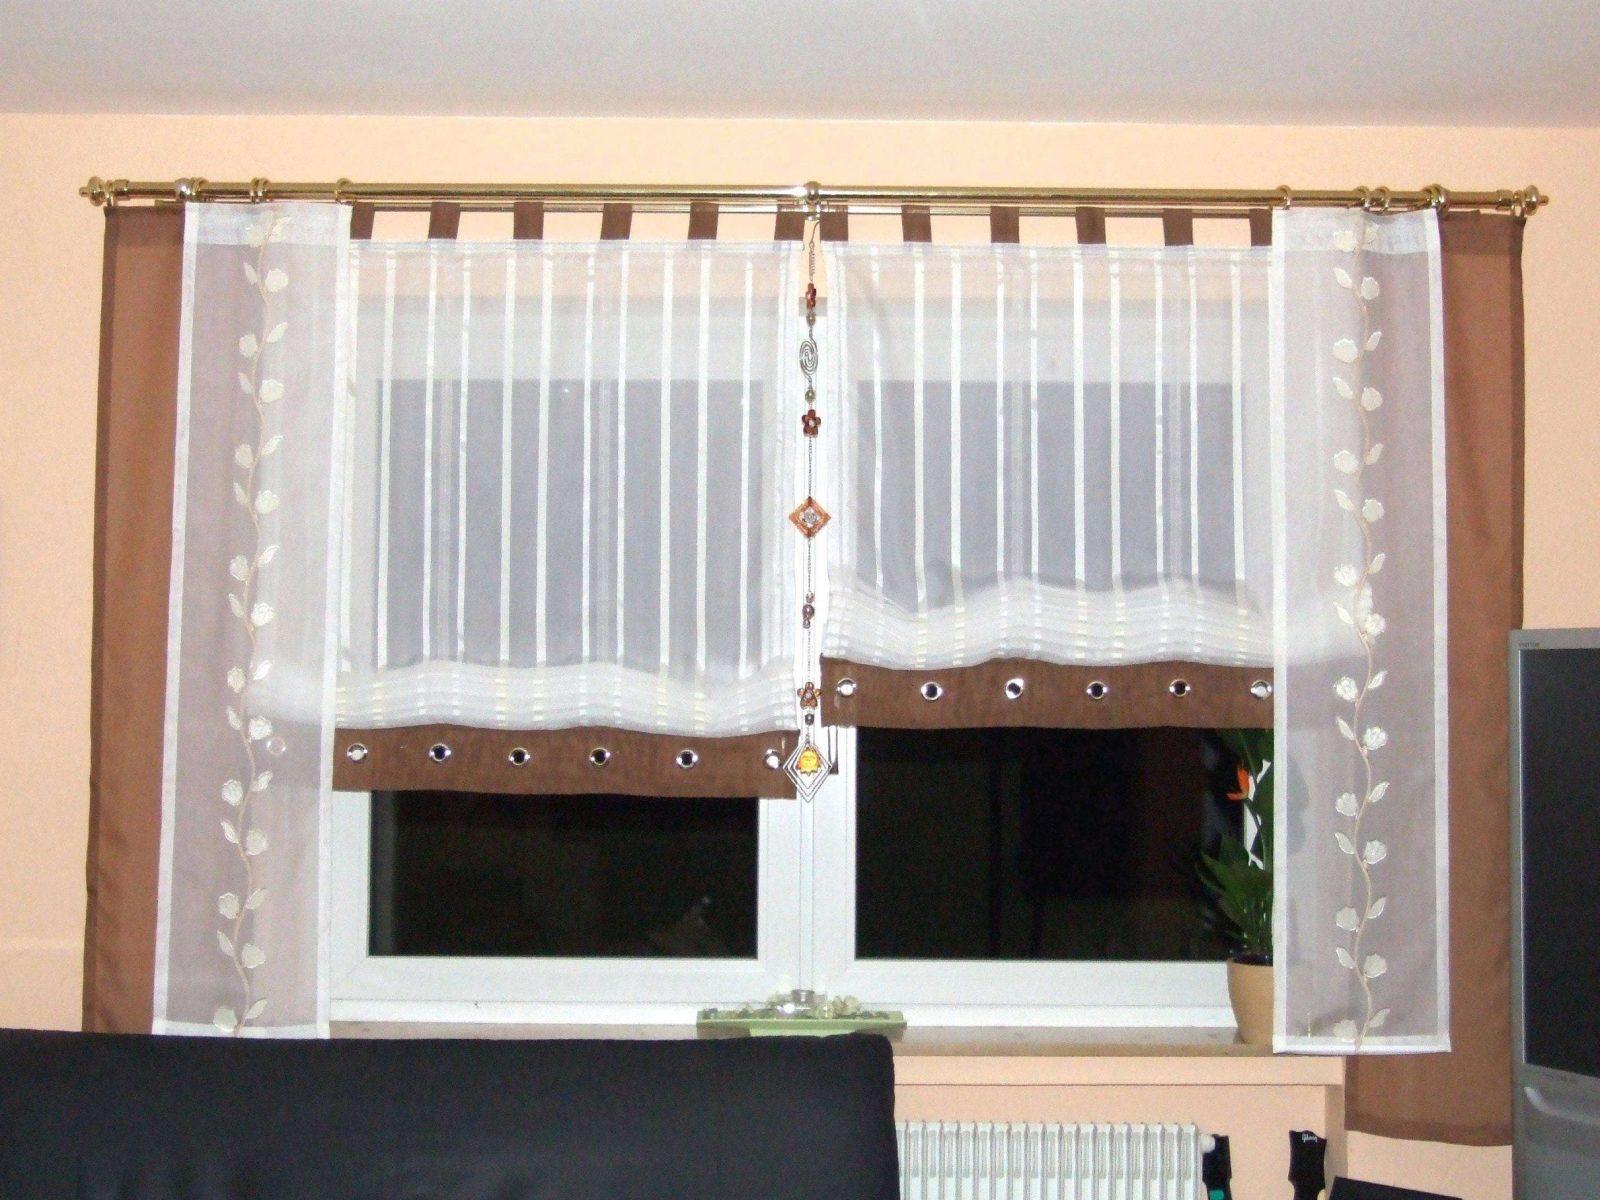 Nett Küchenfenster Vorhang Ideen Ideen Ideen Für Die Küche Schema von Gardinen Ideen Für Große Fenster Bild